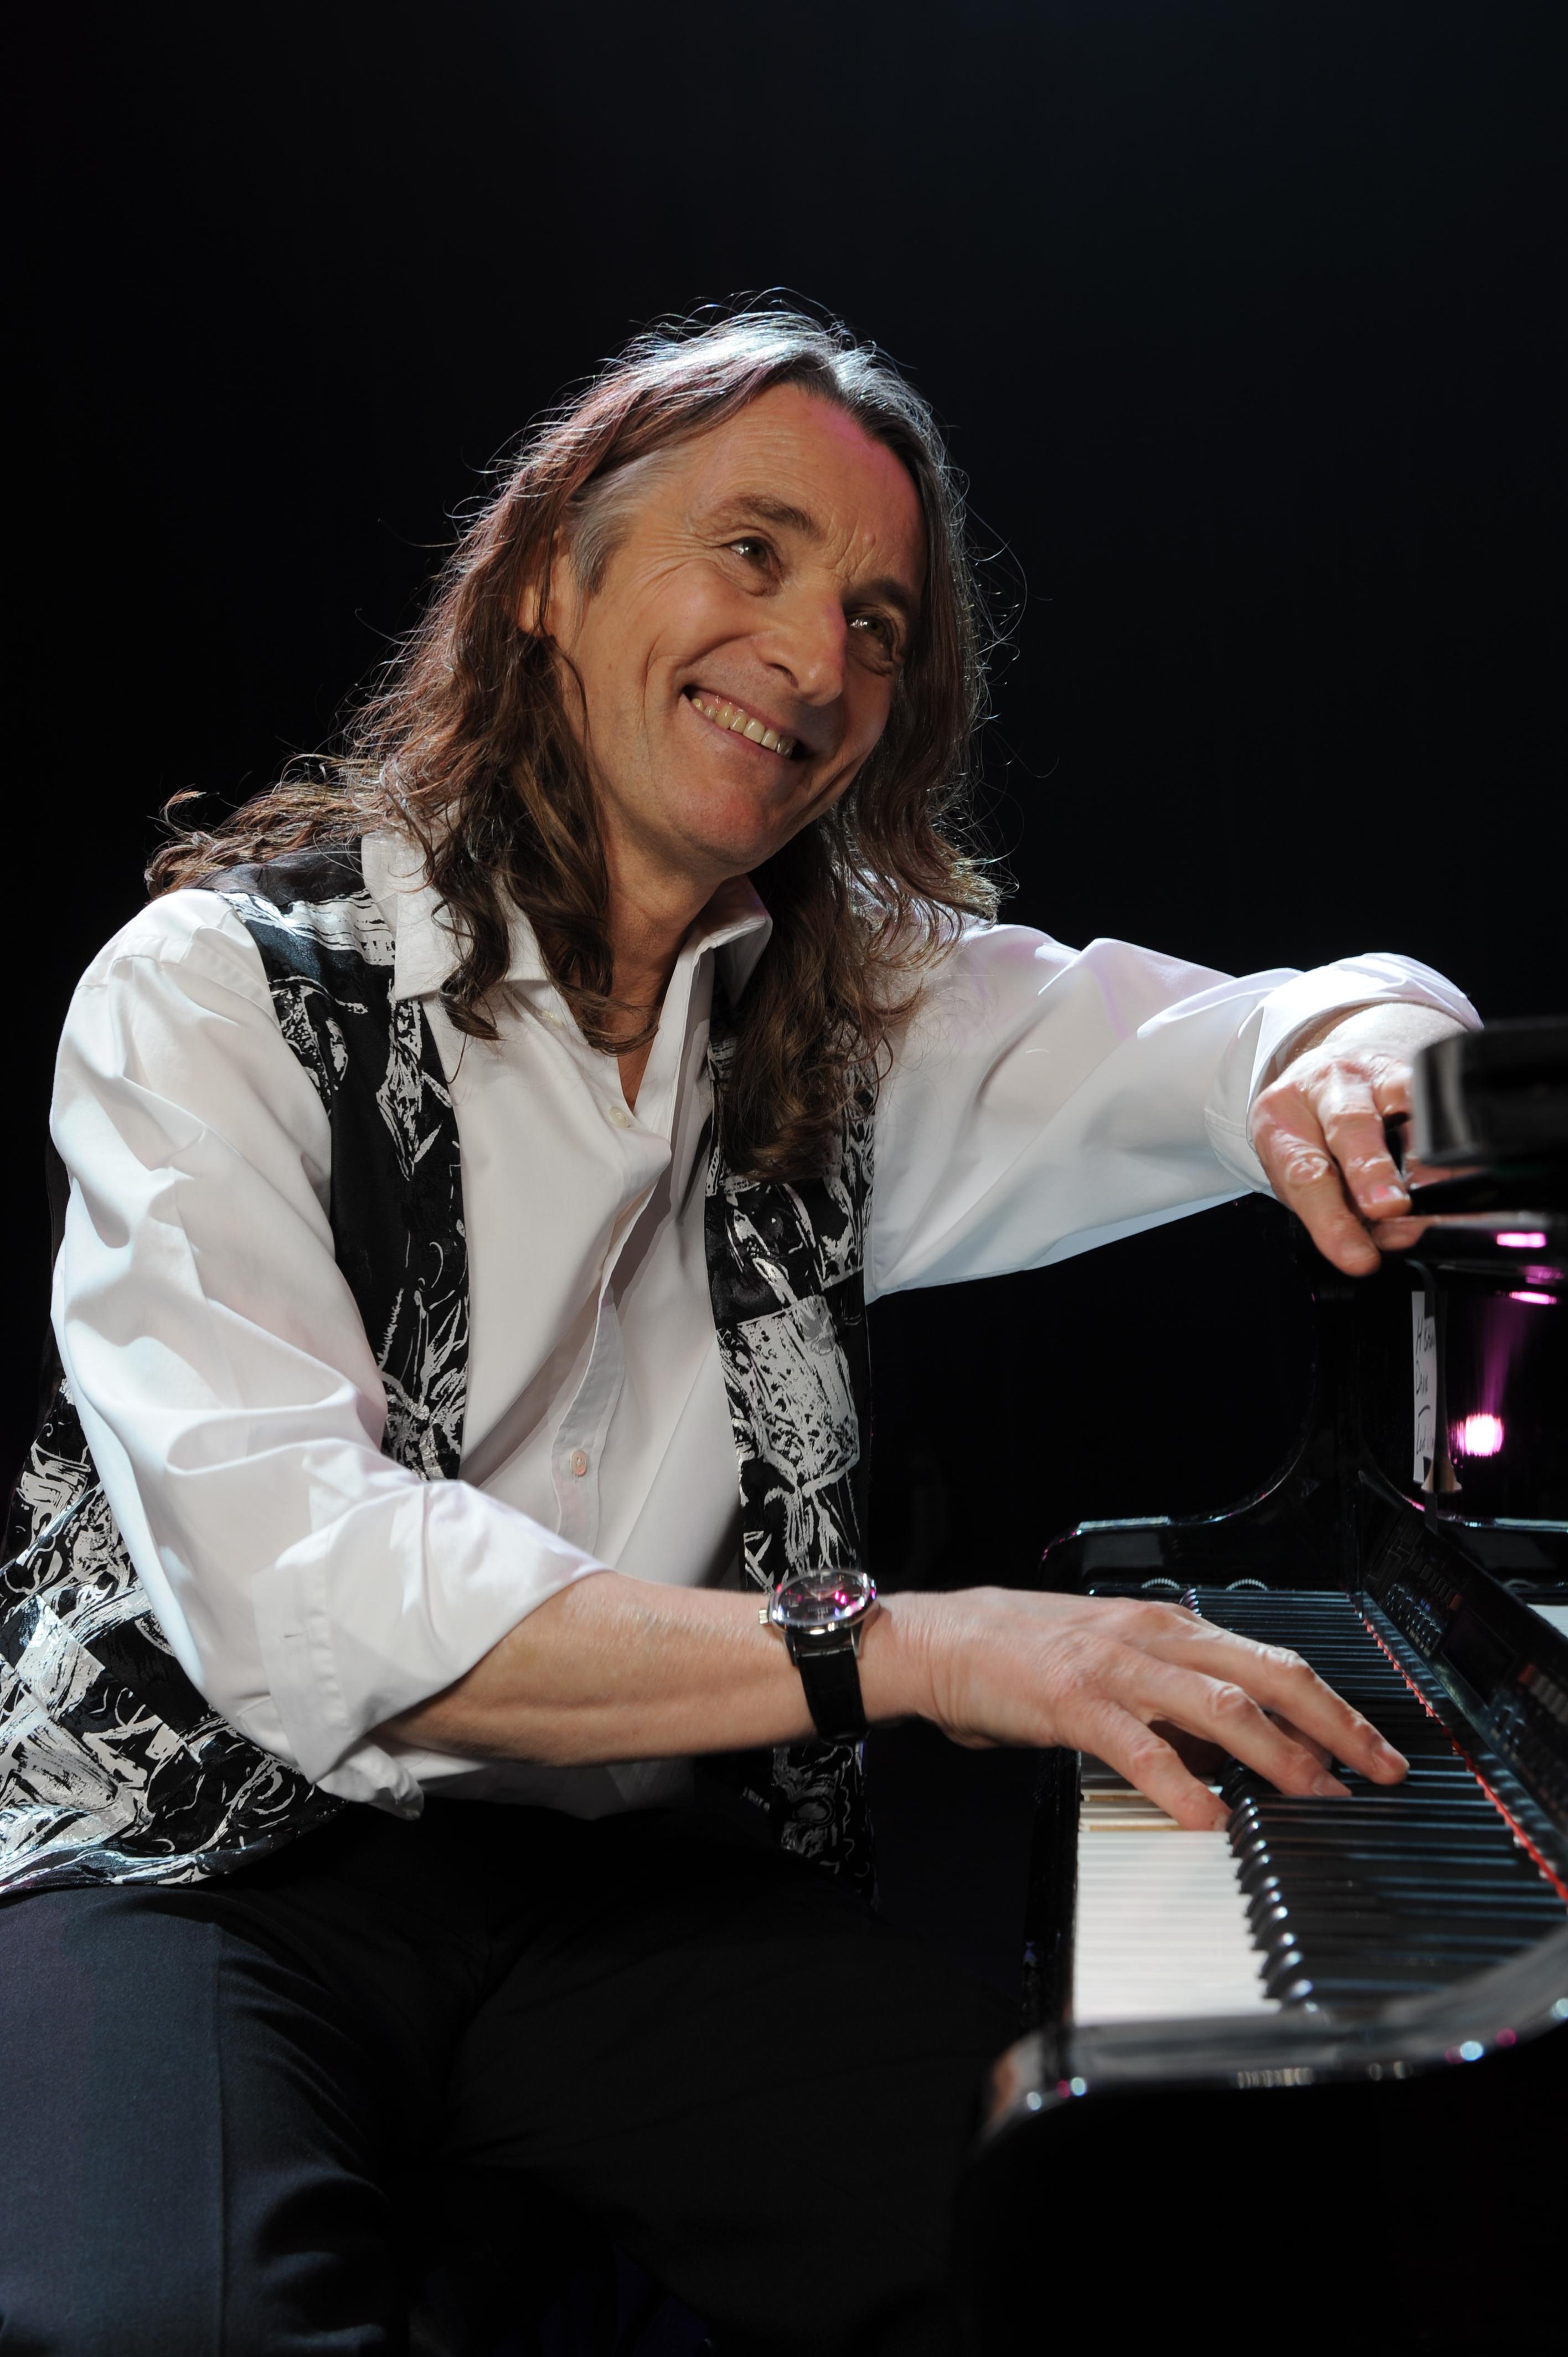 El concierto de Roger Hodgson se traslada al Anexo del Estadio de Gran Canaria